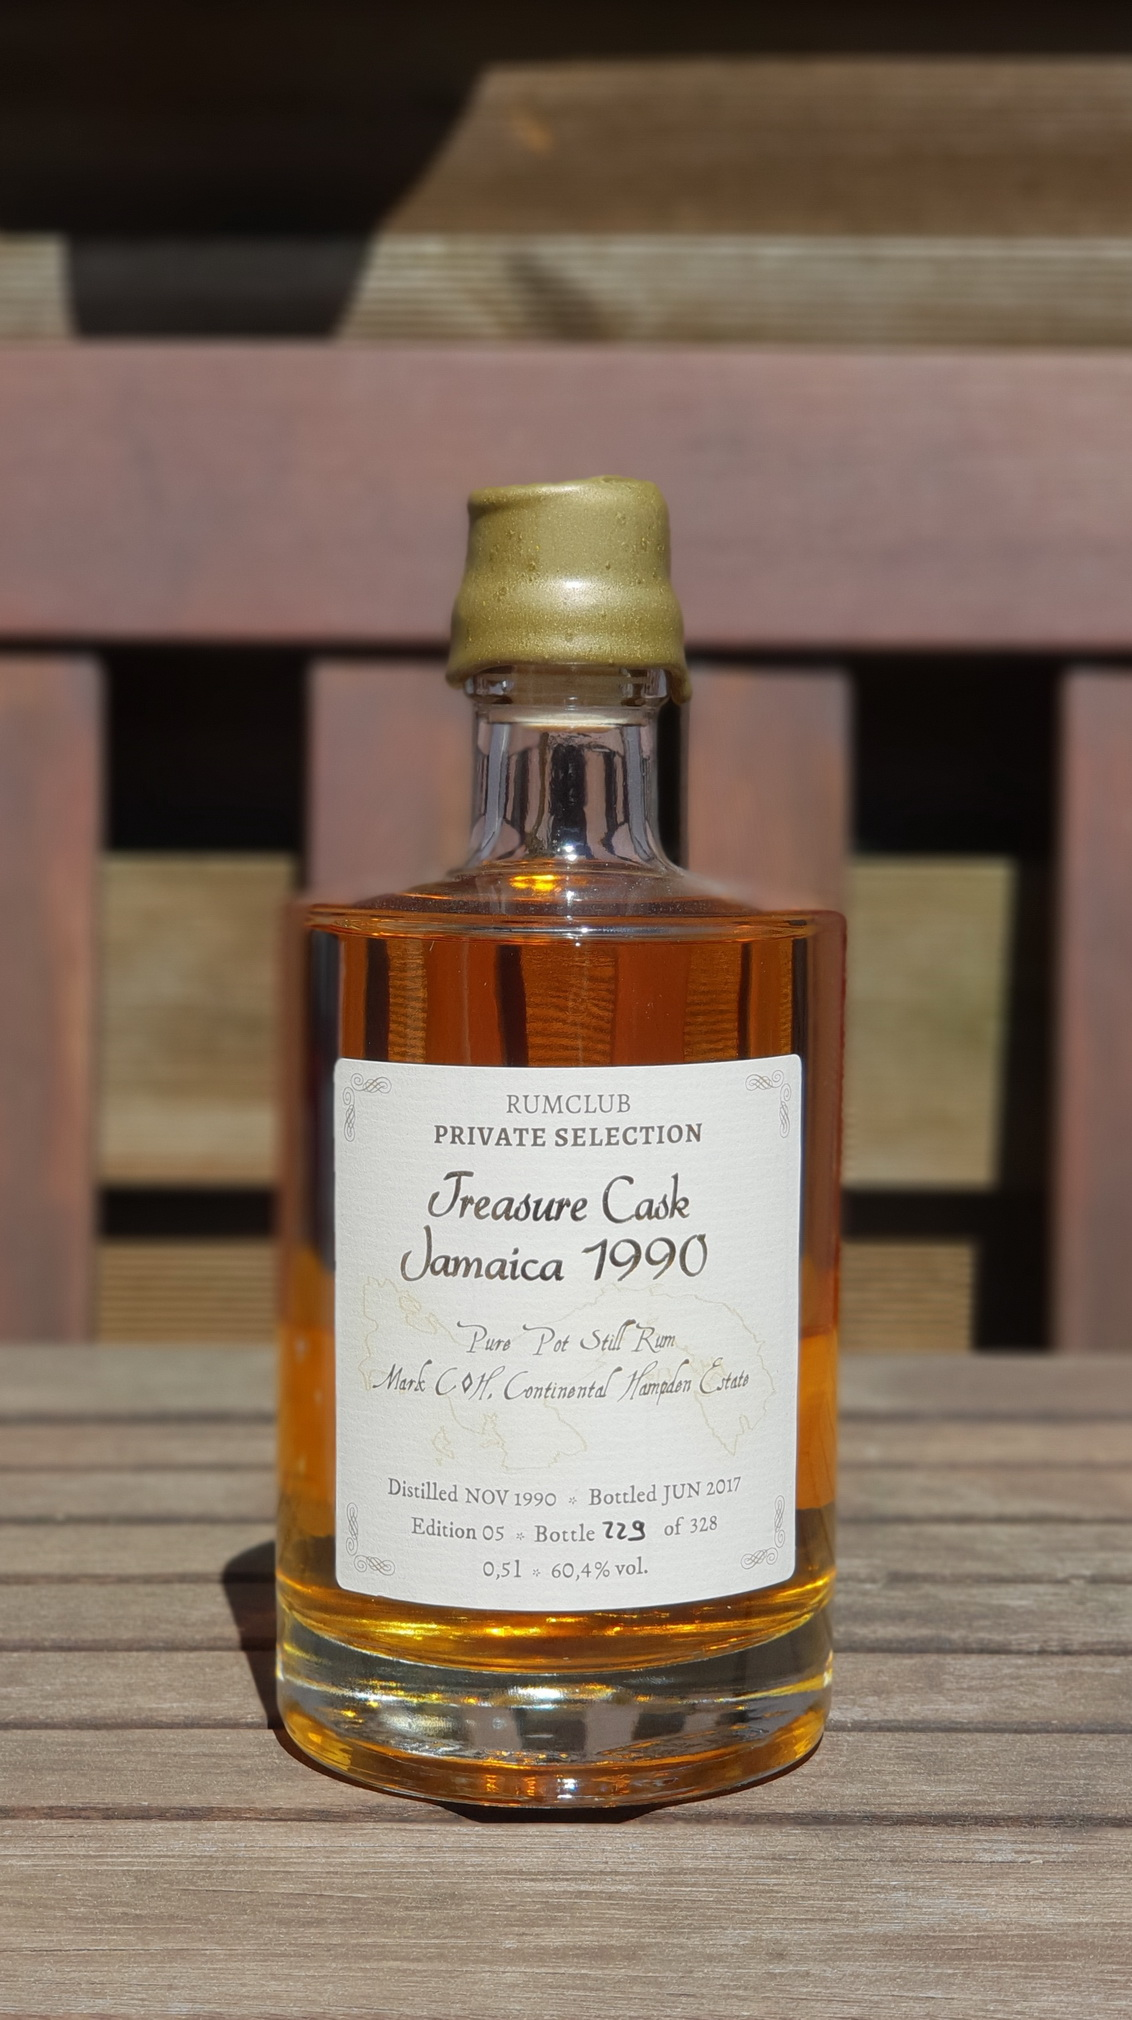 Rumclub Private Selection: Treasure Cask Jamaica 1990 (2017)0,5L und 60,4% von Hampden Estate.Einzelflasche, handnummeriert: 229 von 328